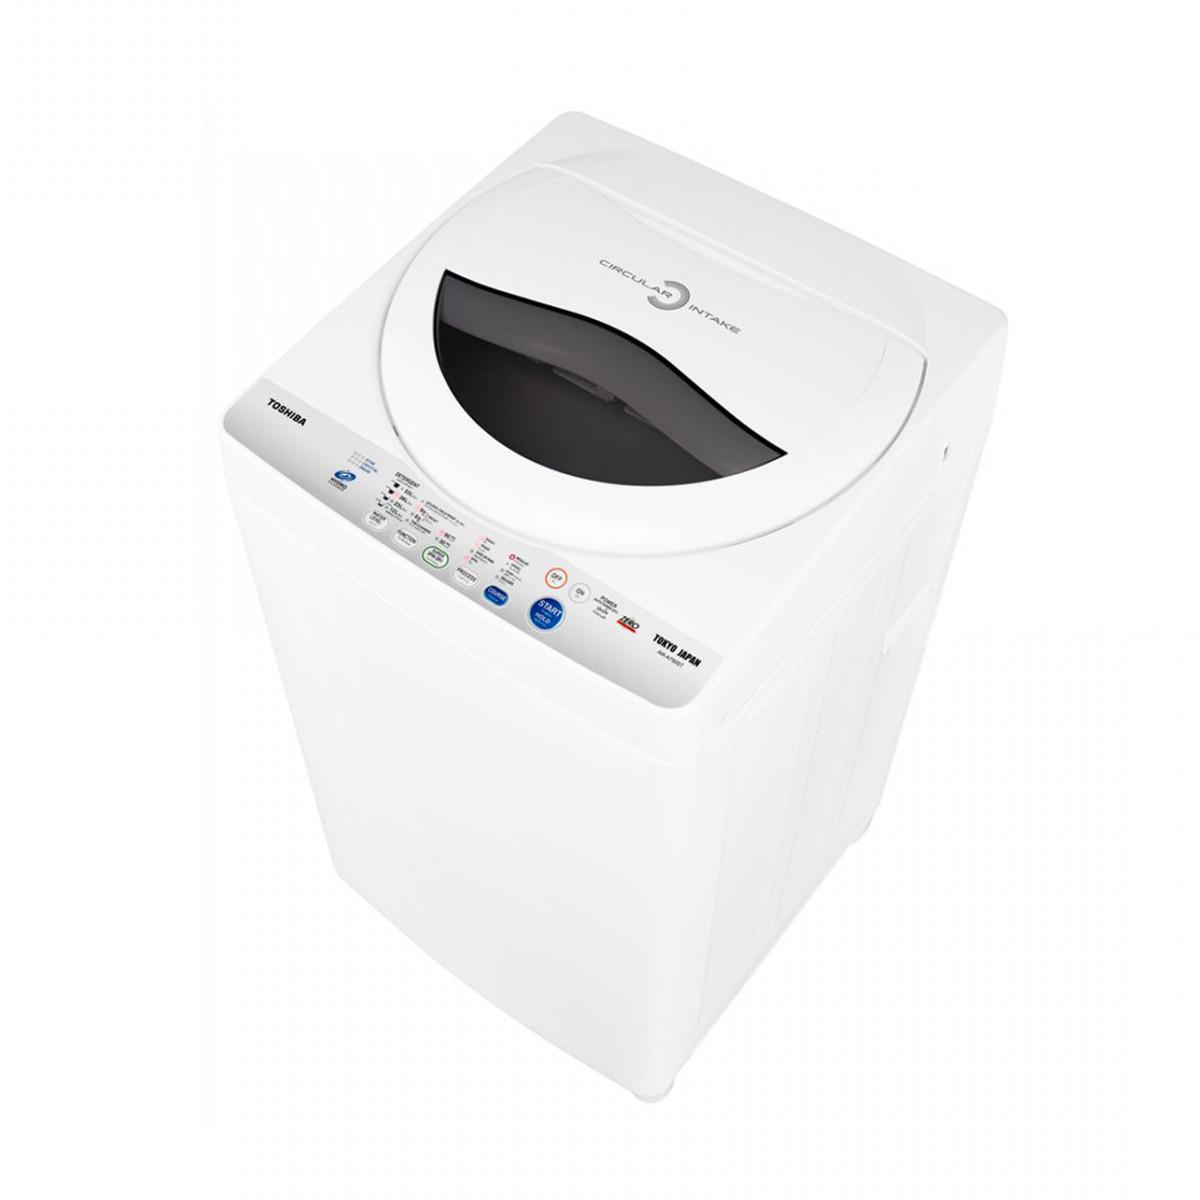 รีวิวเครื่องซักผ้าขนาดเล็กยี่ห้อ Toshiba รุ่น AW-A750ST